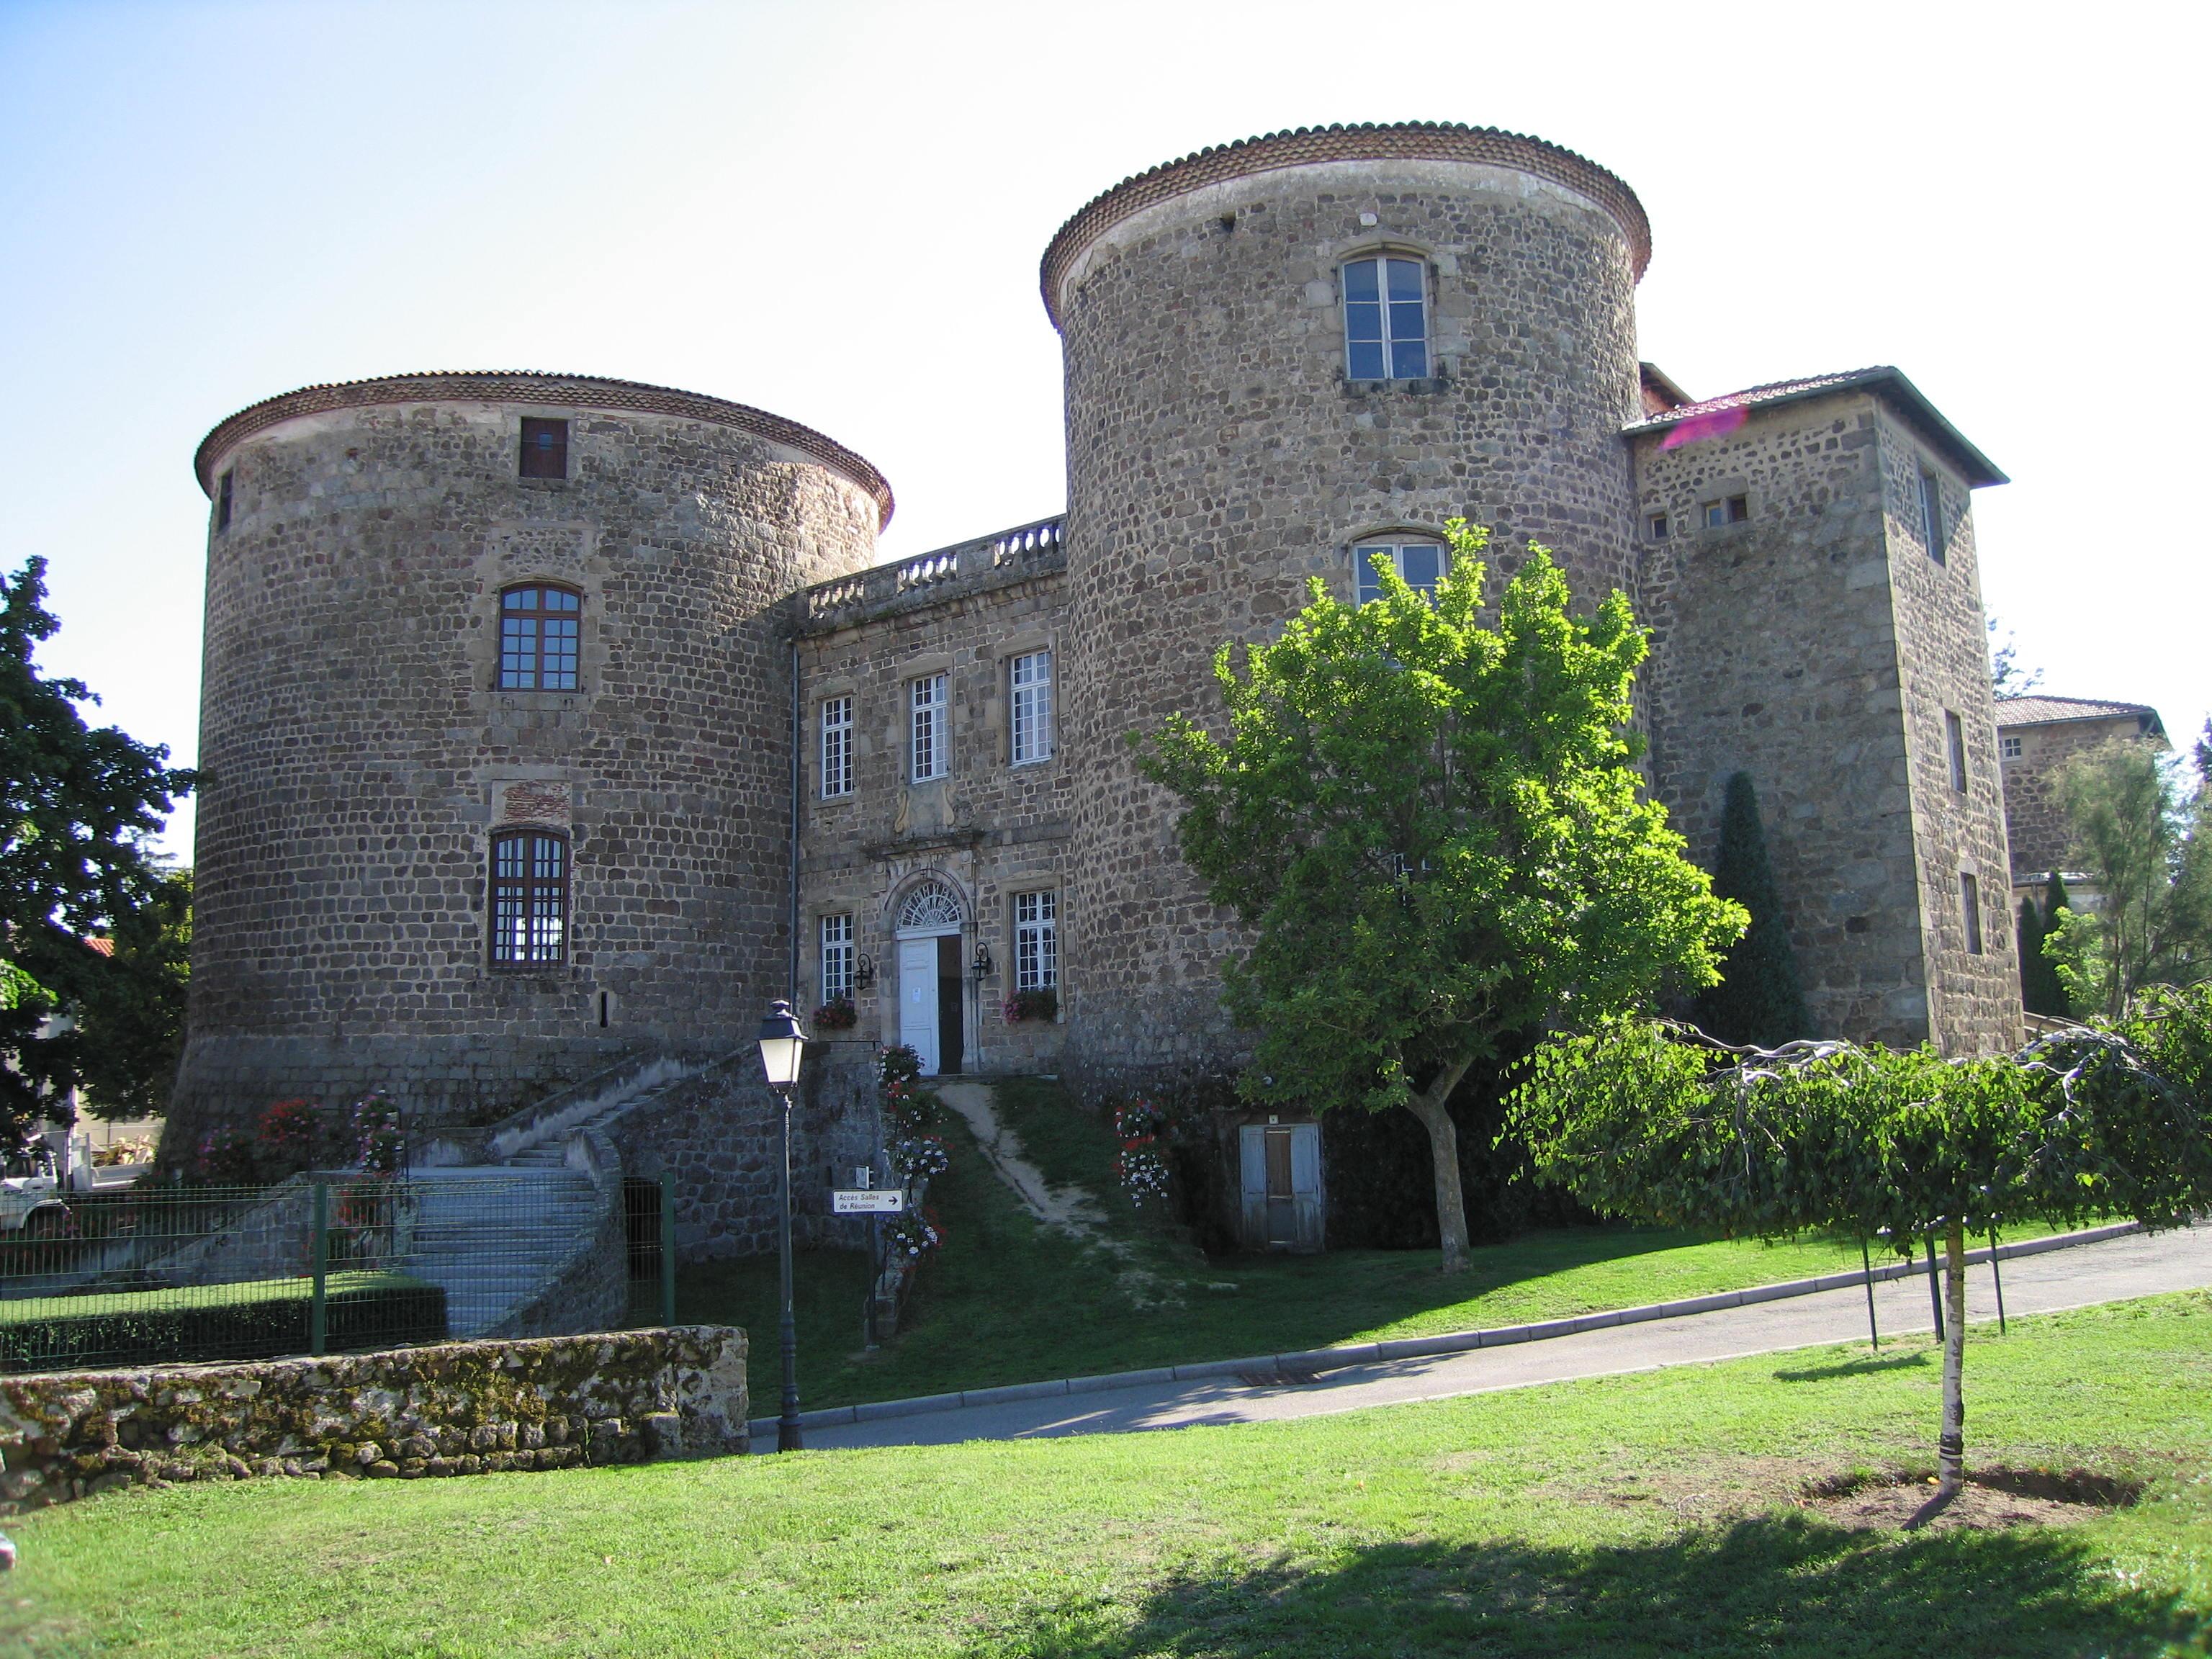 PCU_Chateau1_monistrol_jcparayreotimv